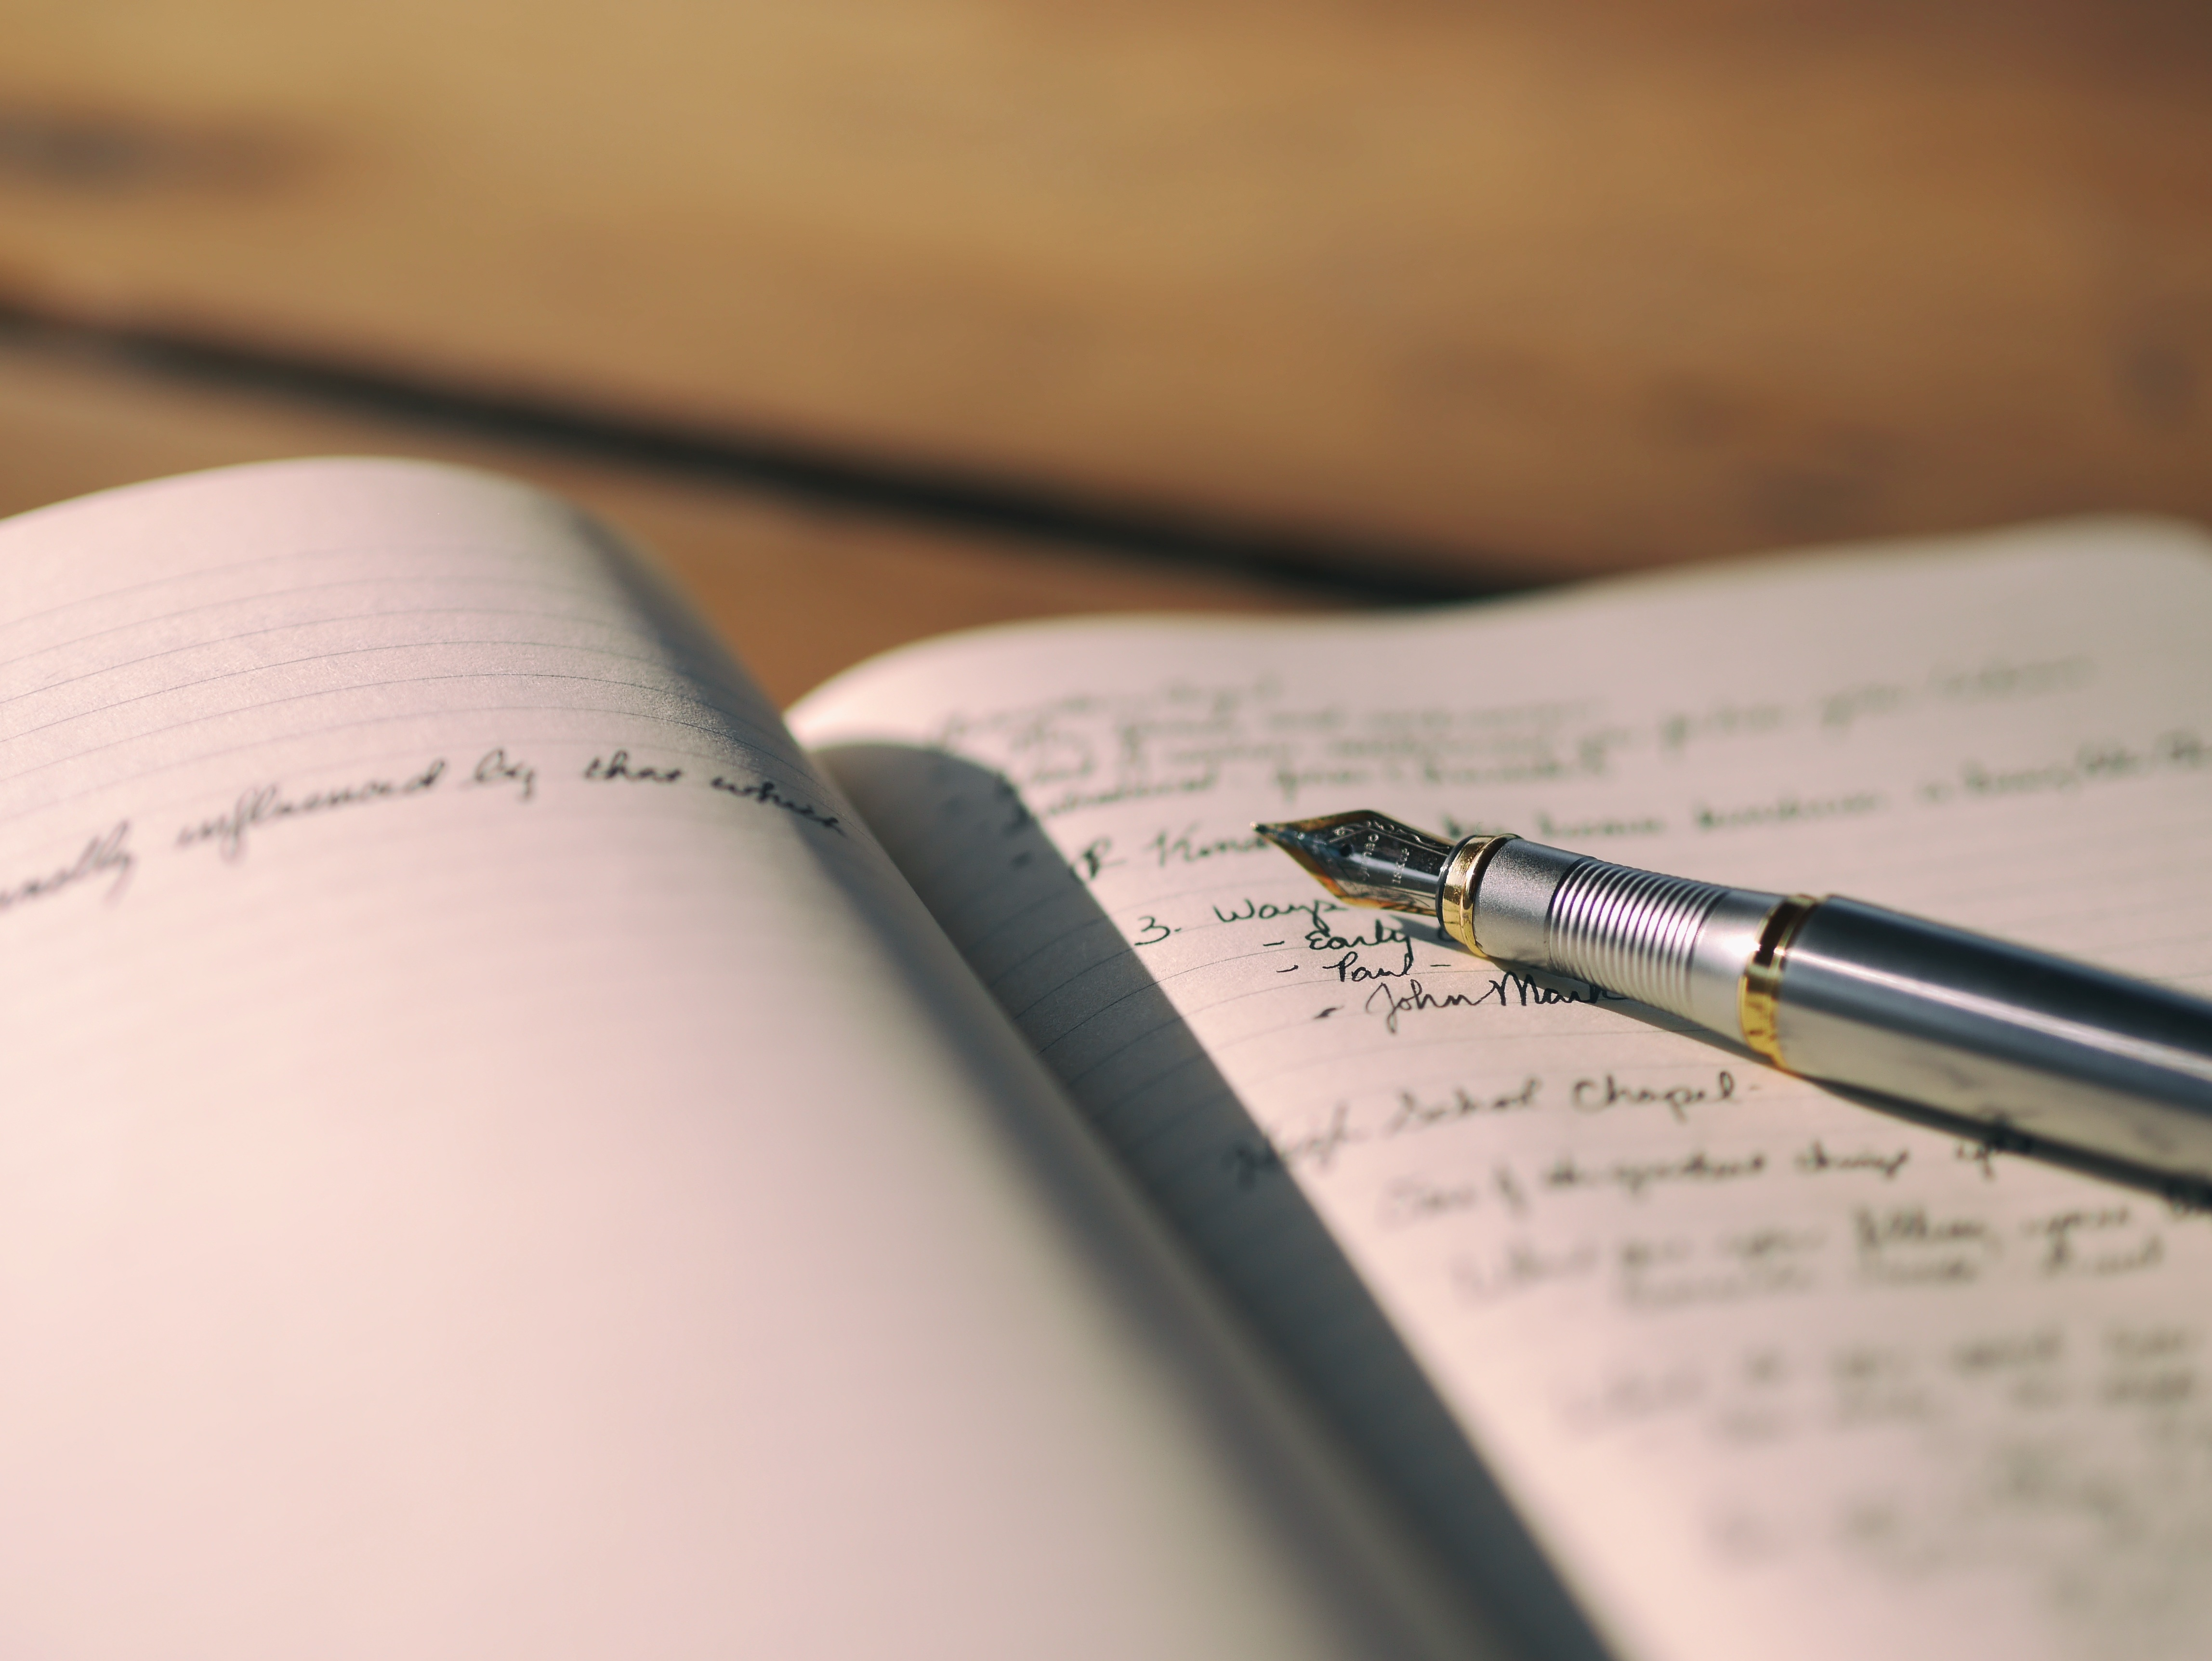 Pen Notebook